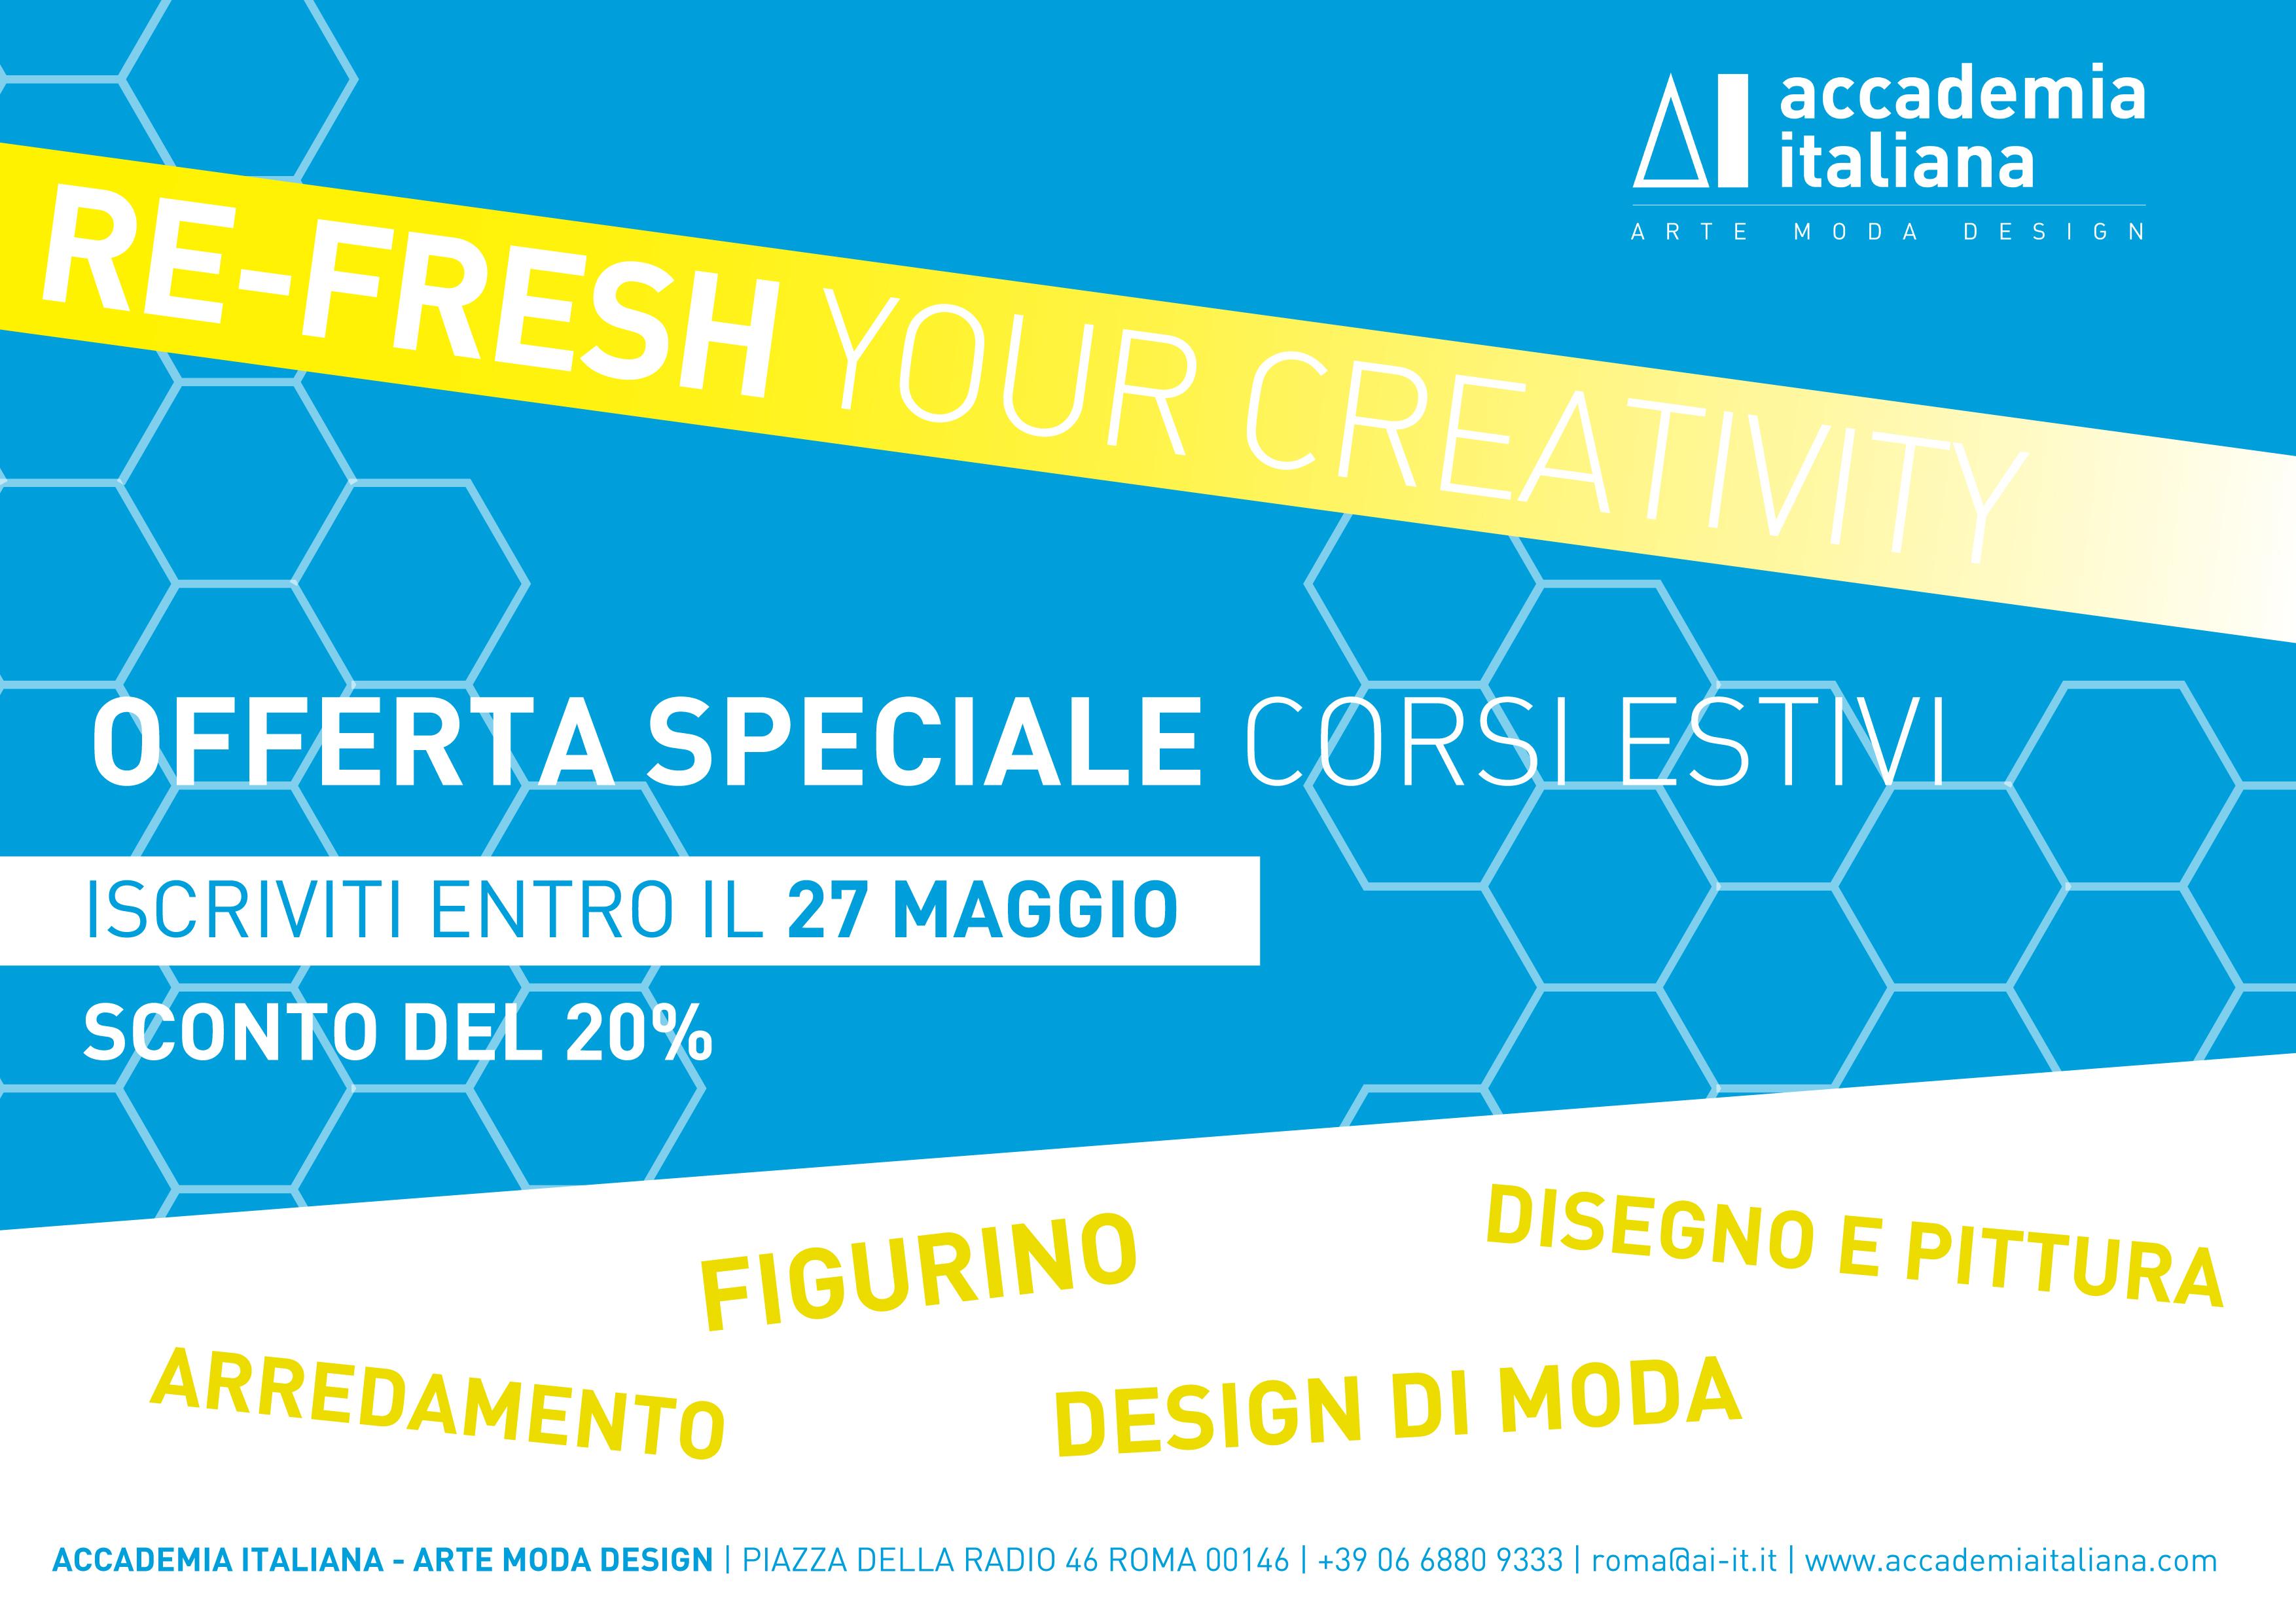 Corsi estivi disegno e pittura moda arredamento for Corsi design roma